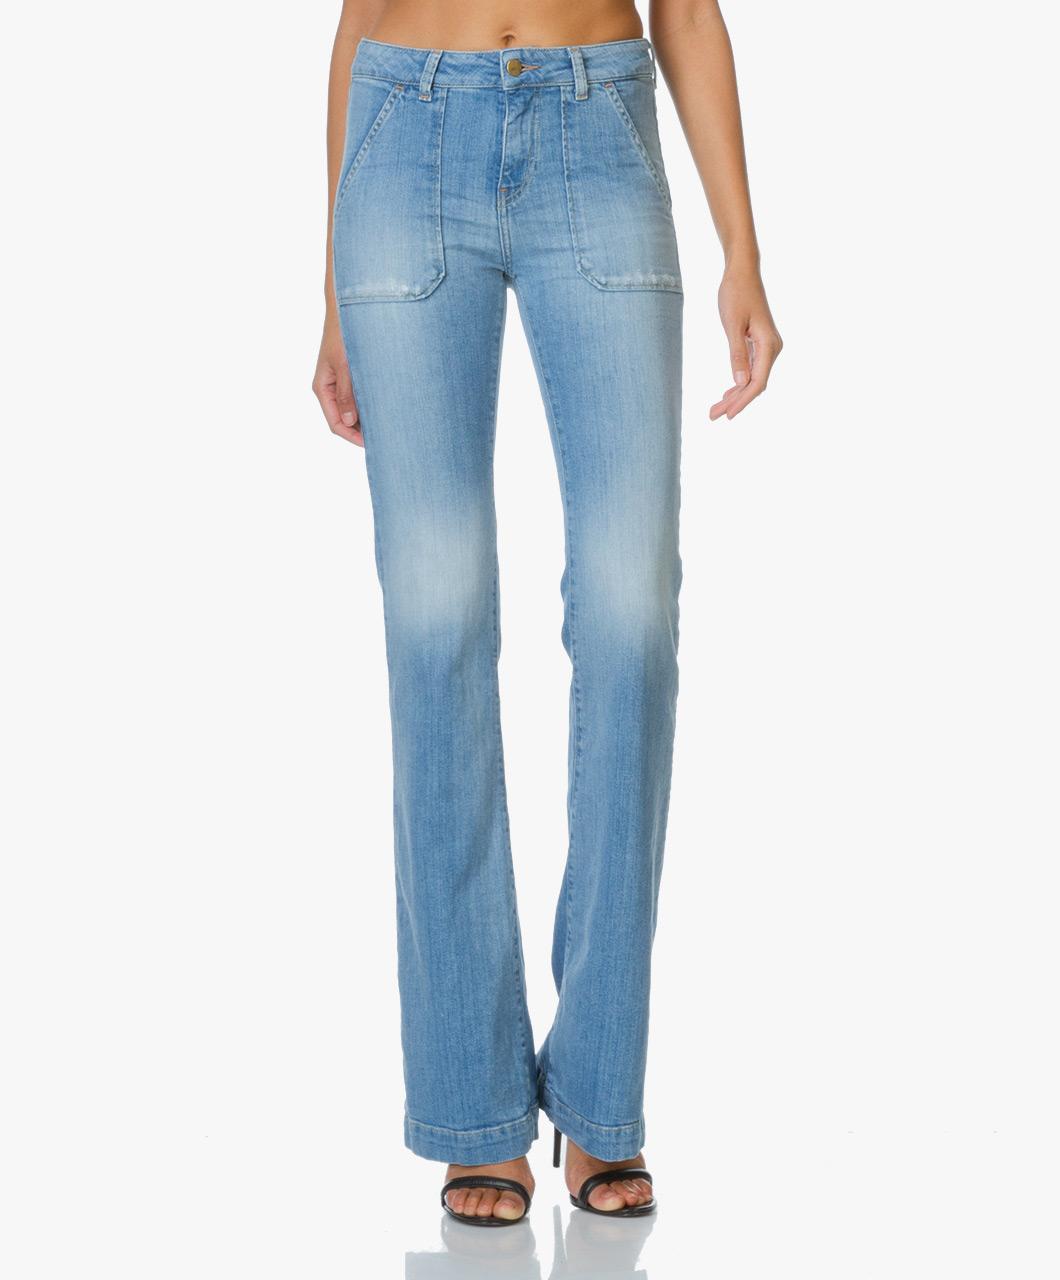 Mens jeans design legends jeans - Ba Sh Bootcut Jeans Max